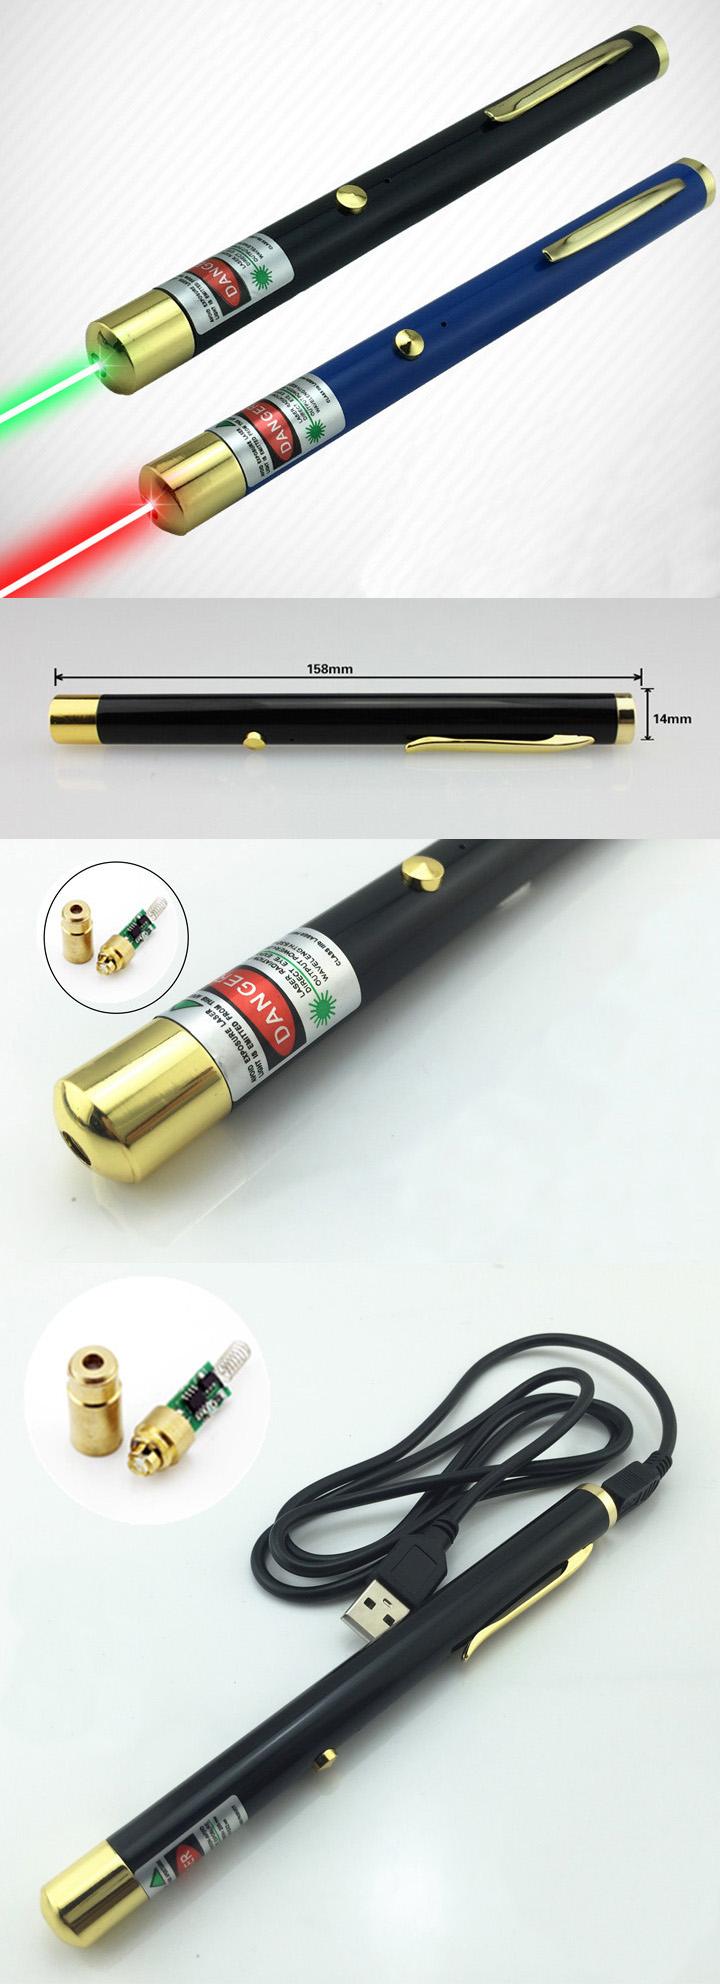 USB laserpen